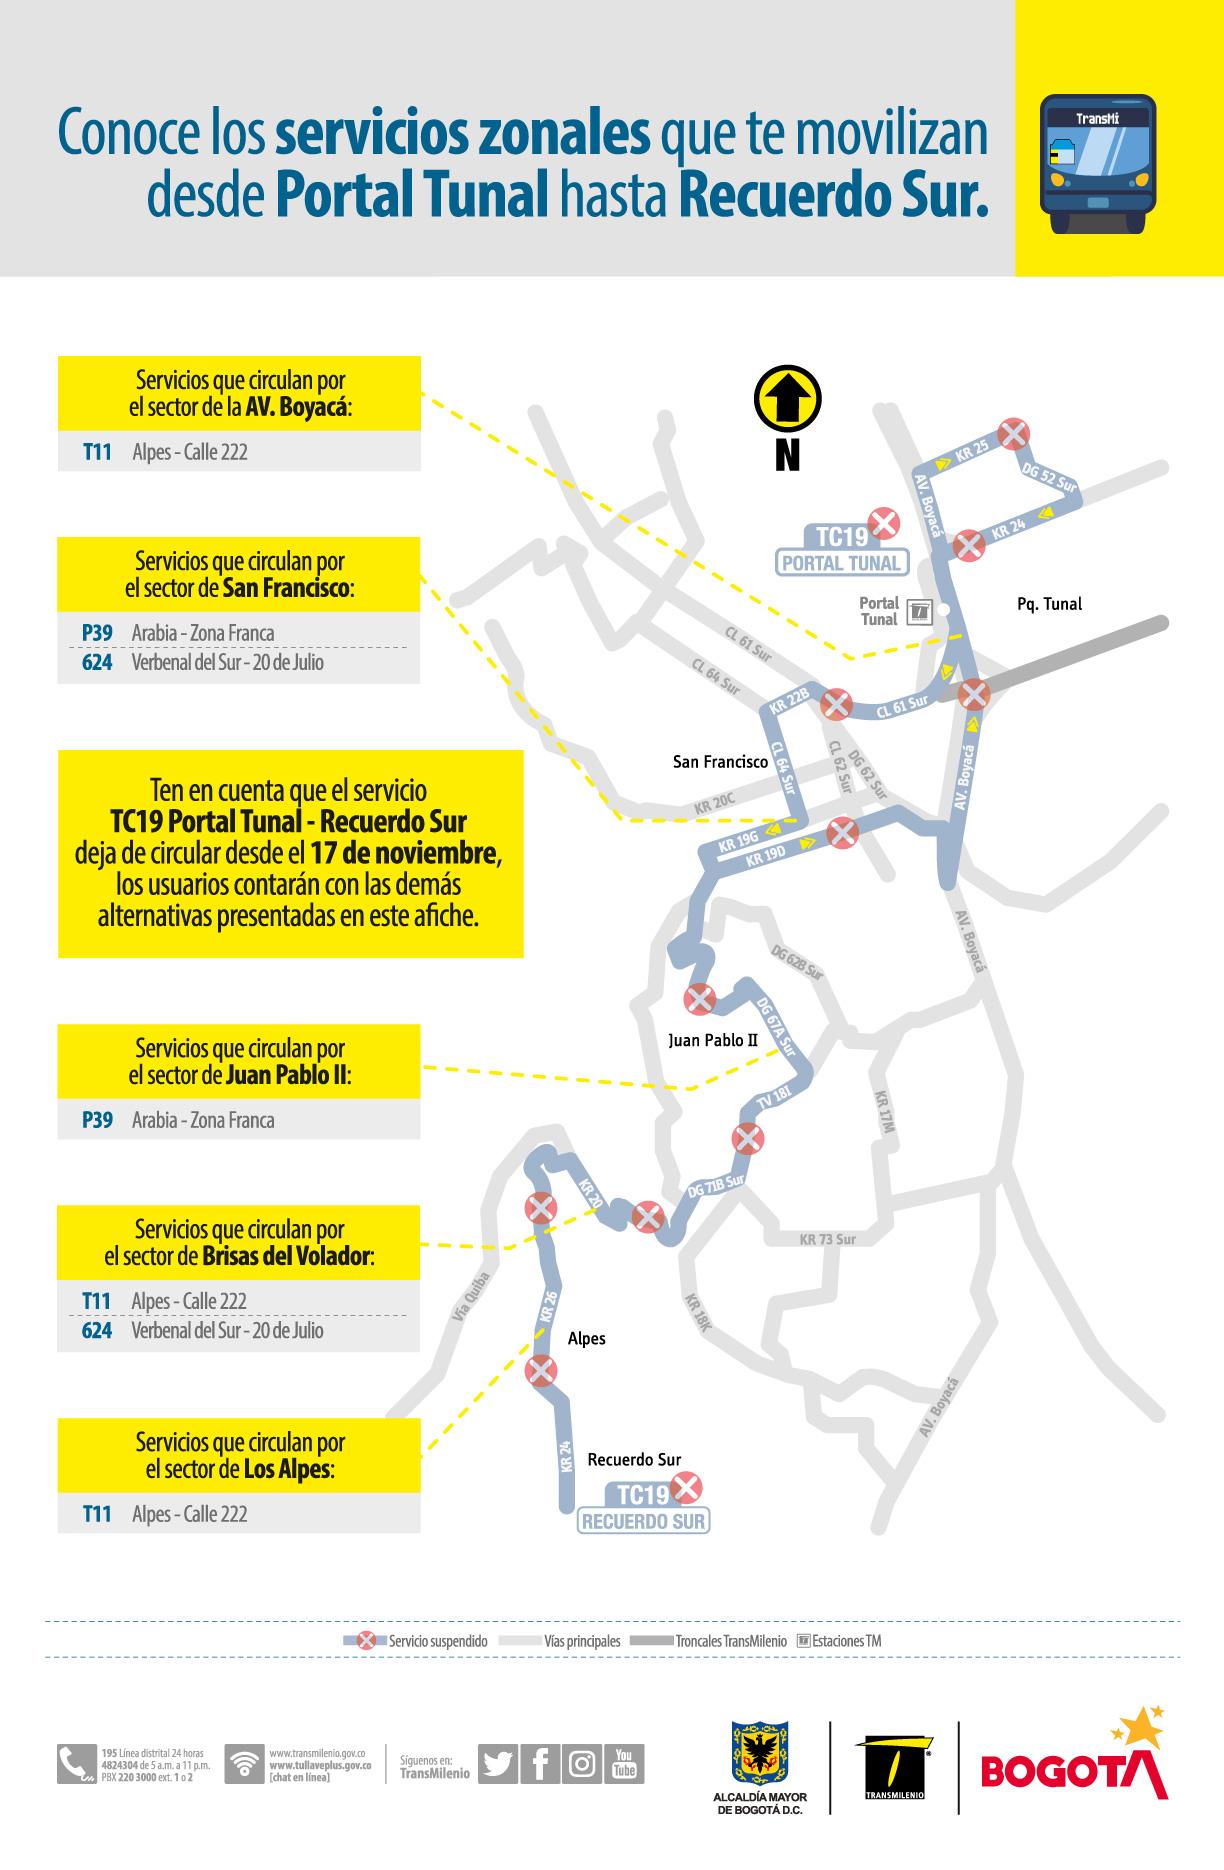 Rutas alternas para ir al portal Tunal - Recuerdo Sur